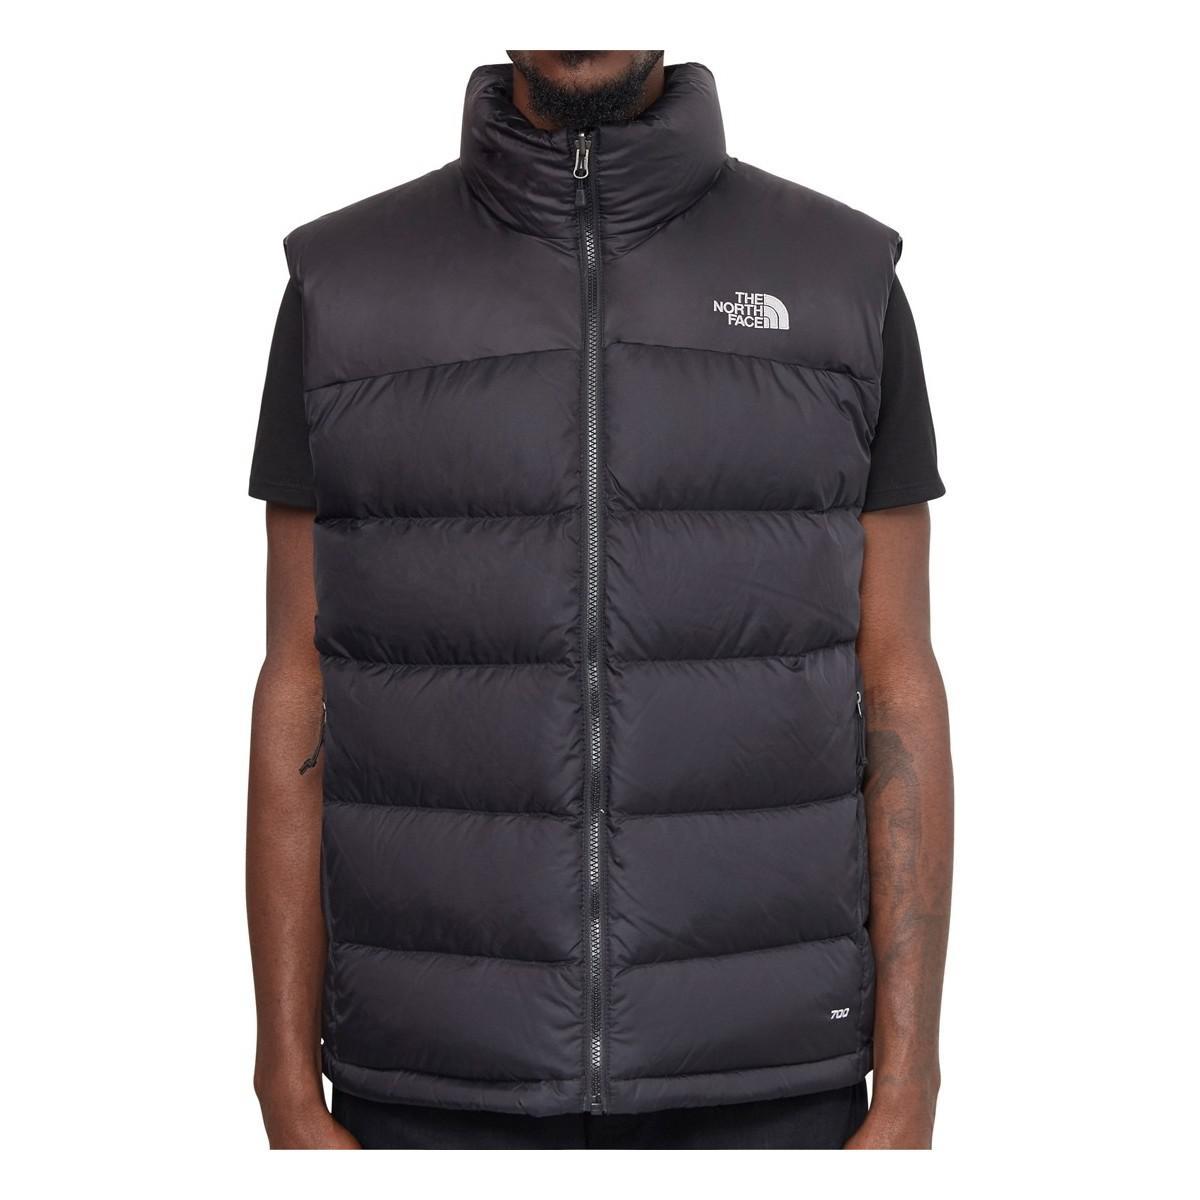 The North Face Nuptse 2 Vest Black Men s In Black in Black for Men ... cd0750149